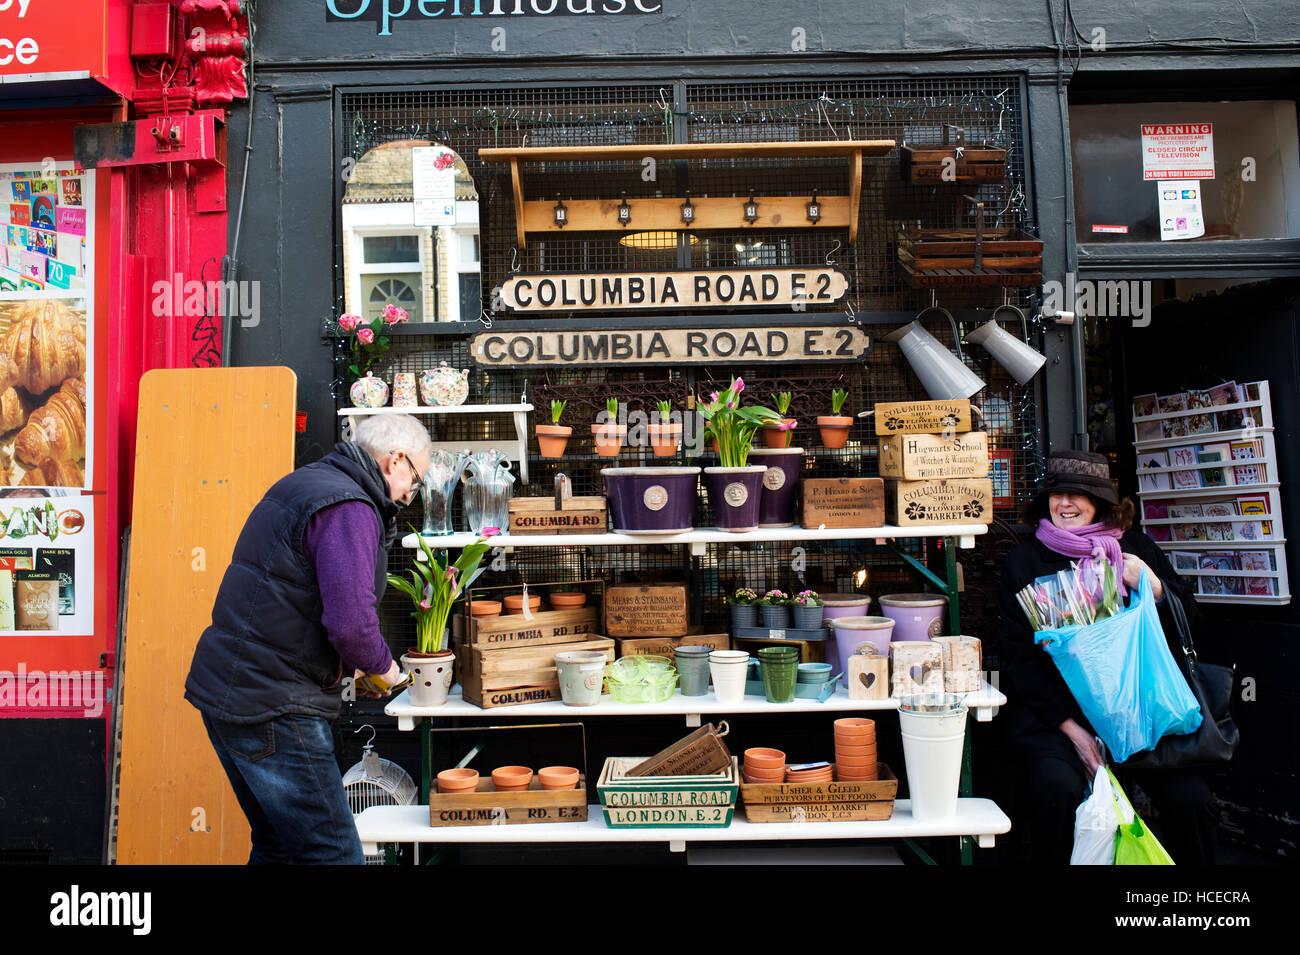 Sunday morning, Columbia Road market - Stock Image